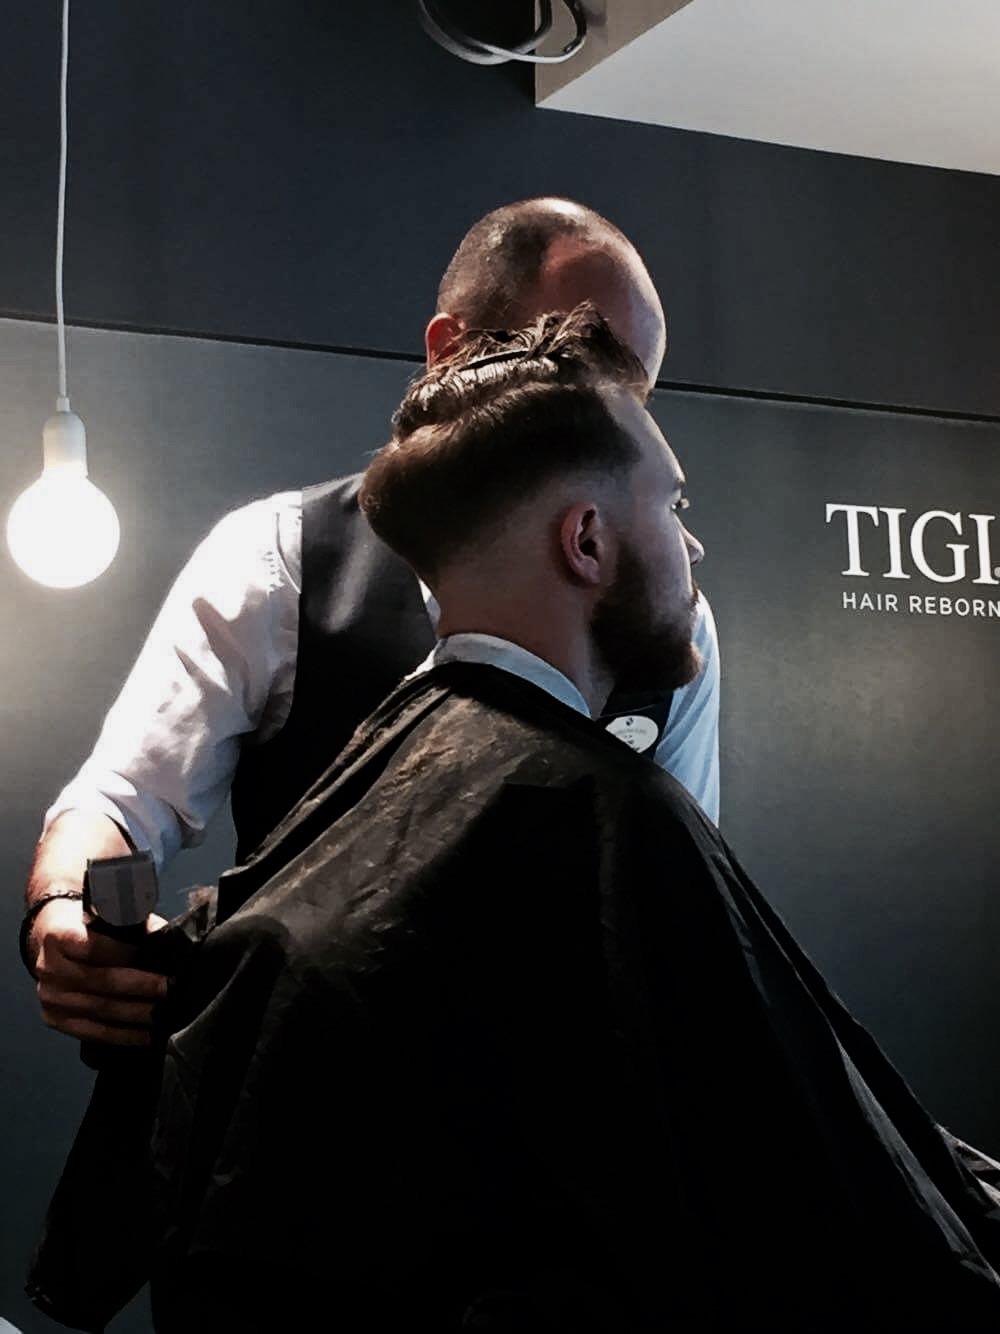 Deretter lager man en jevn og perfekt overgang mellom hud og hår.